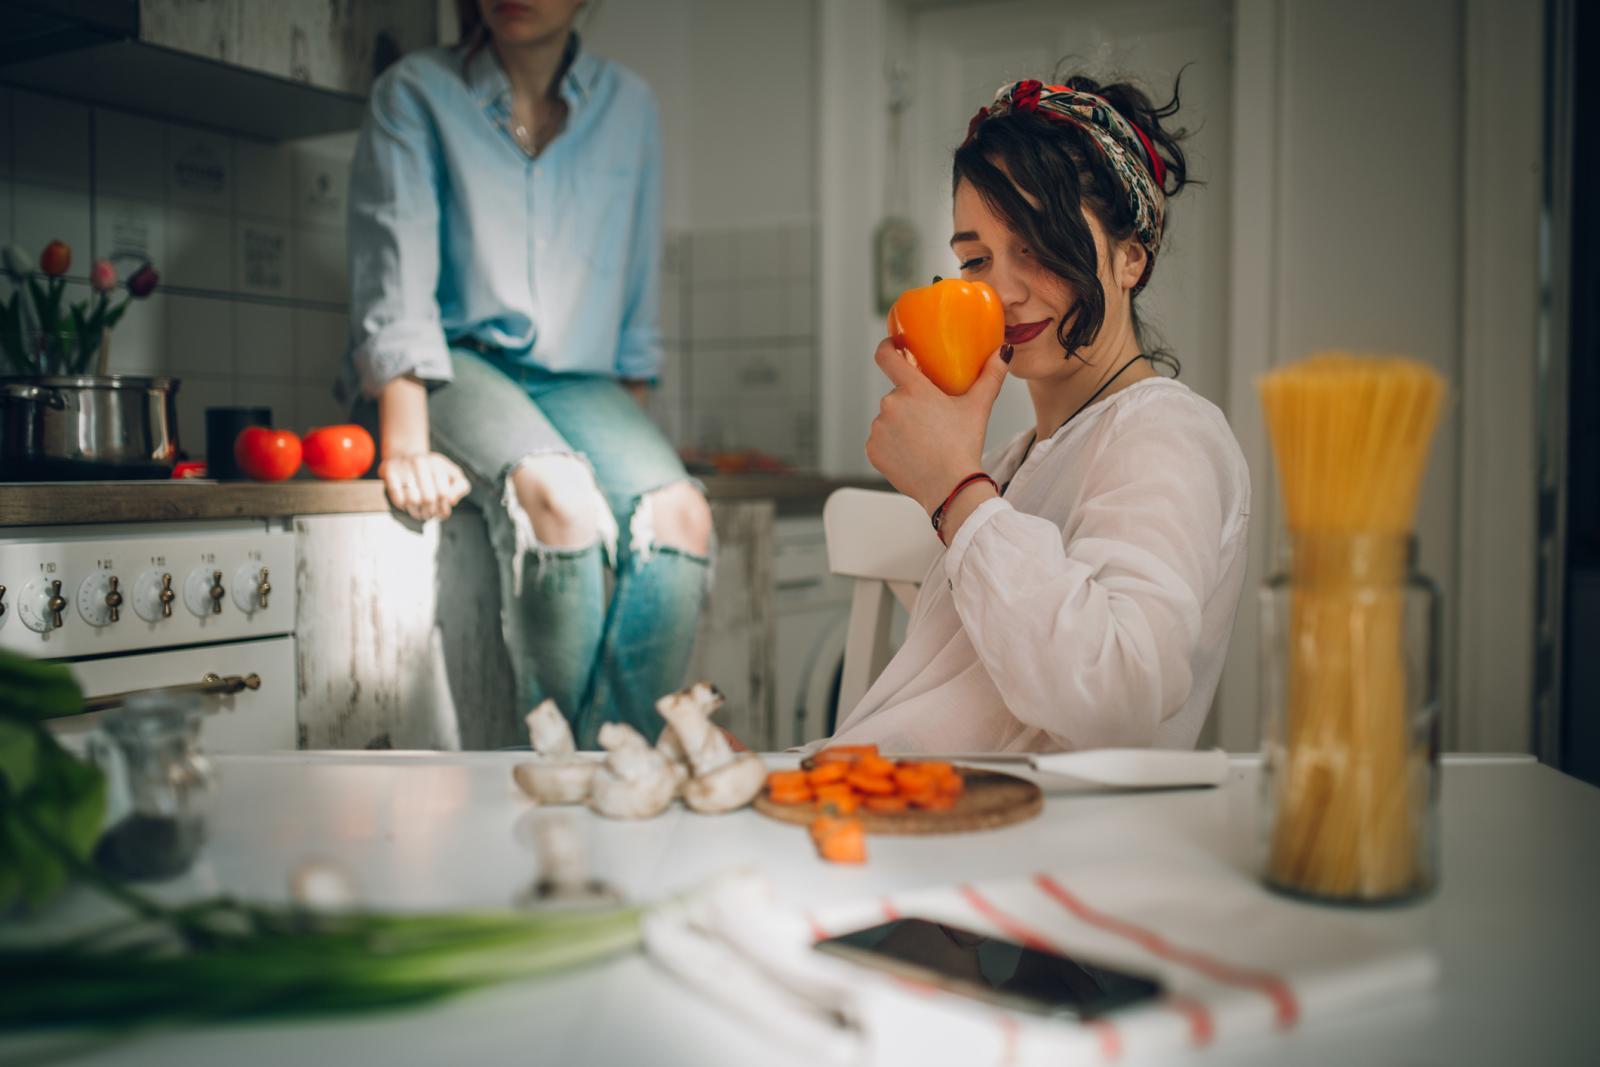 Sirovo voće i povrće sadrži više vitamina C i drugih antioksidanasa što je odlično za imunitet.